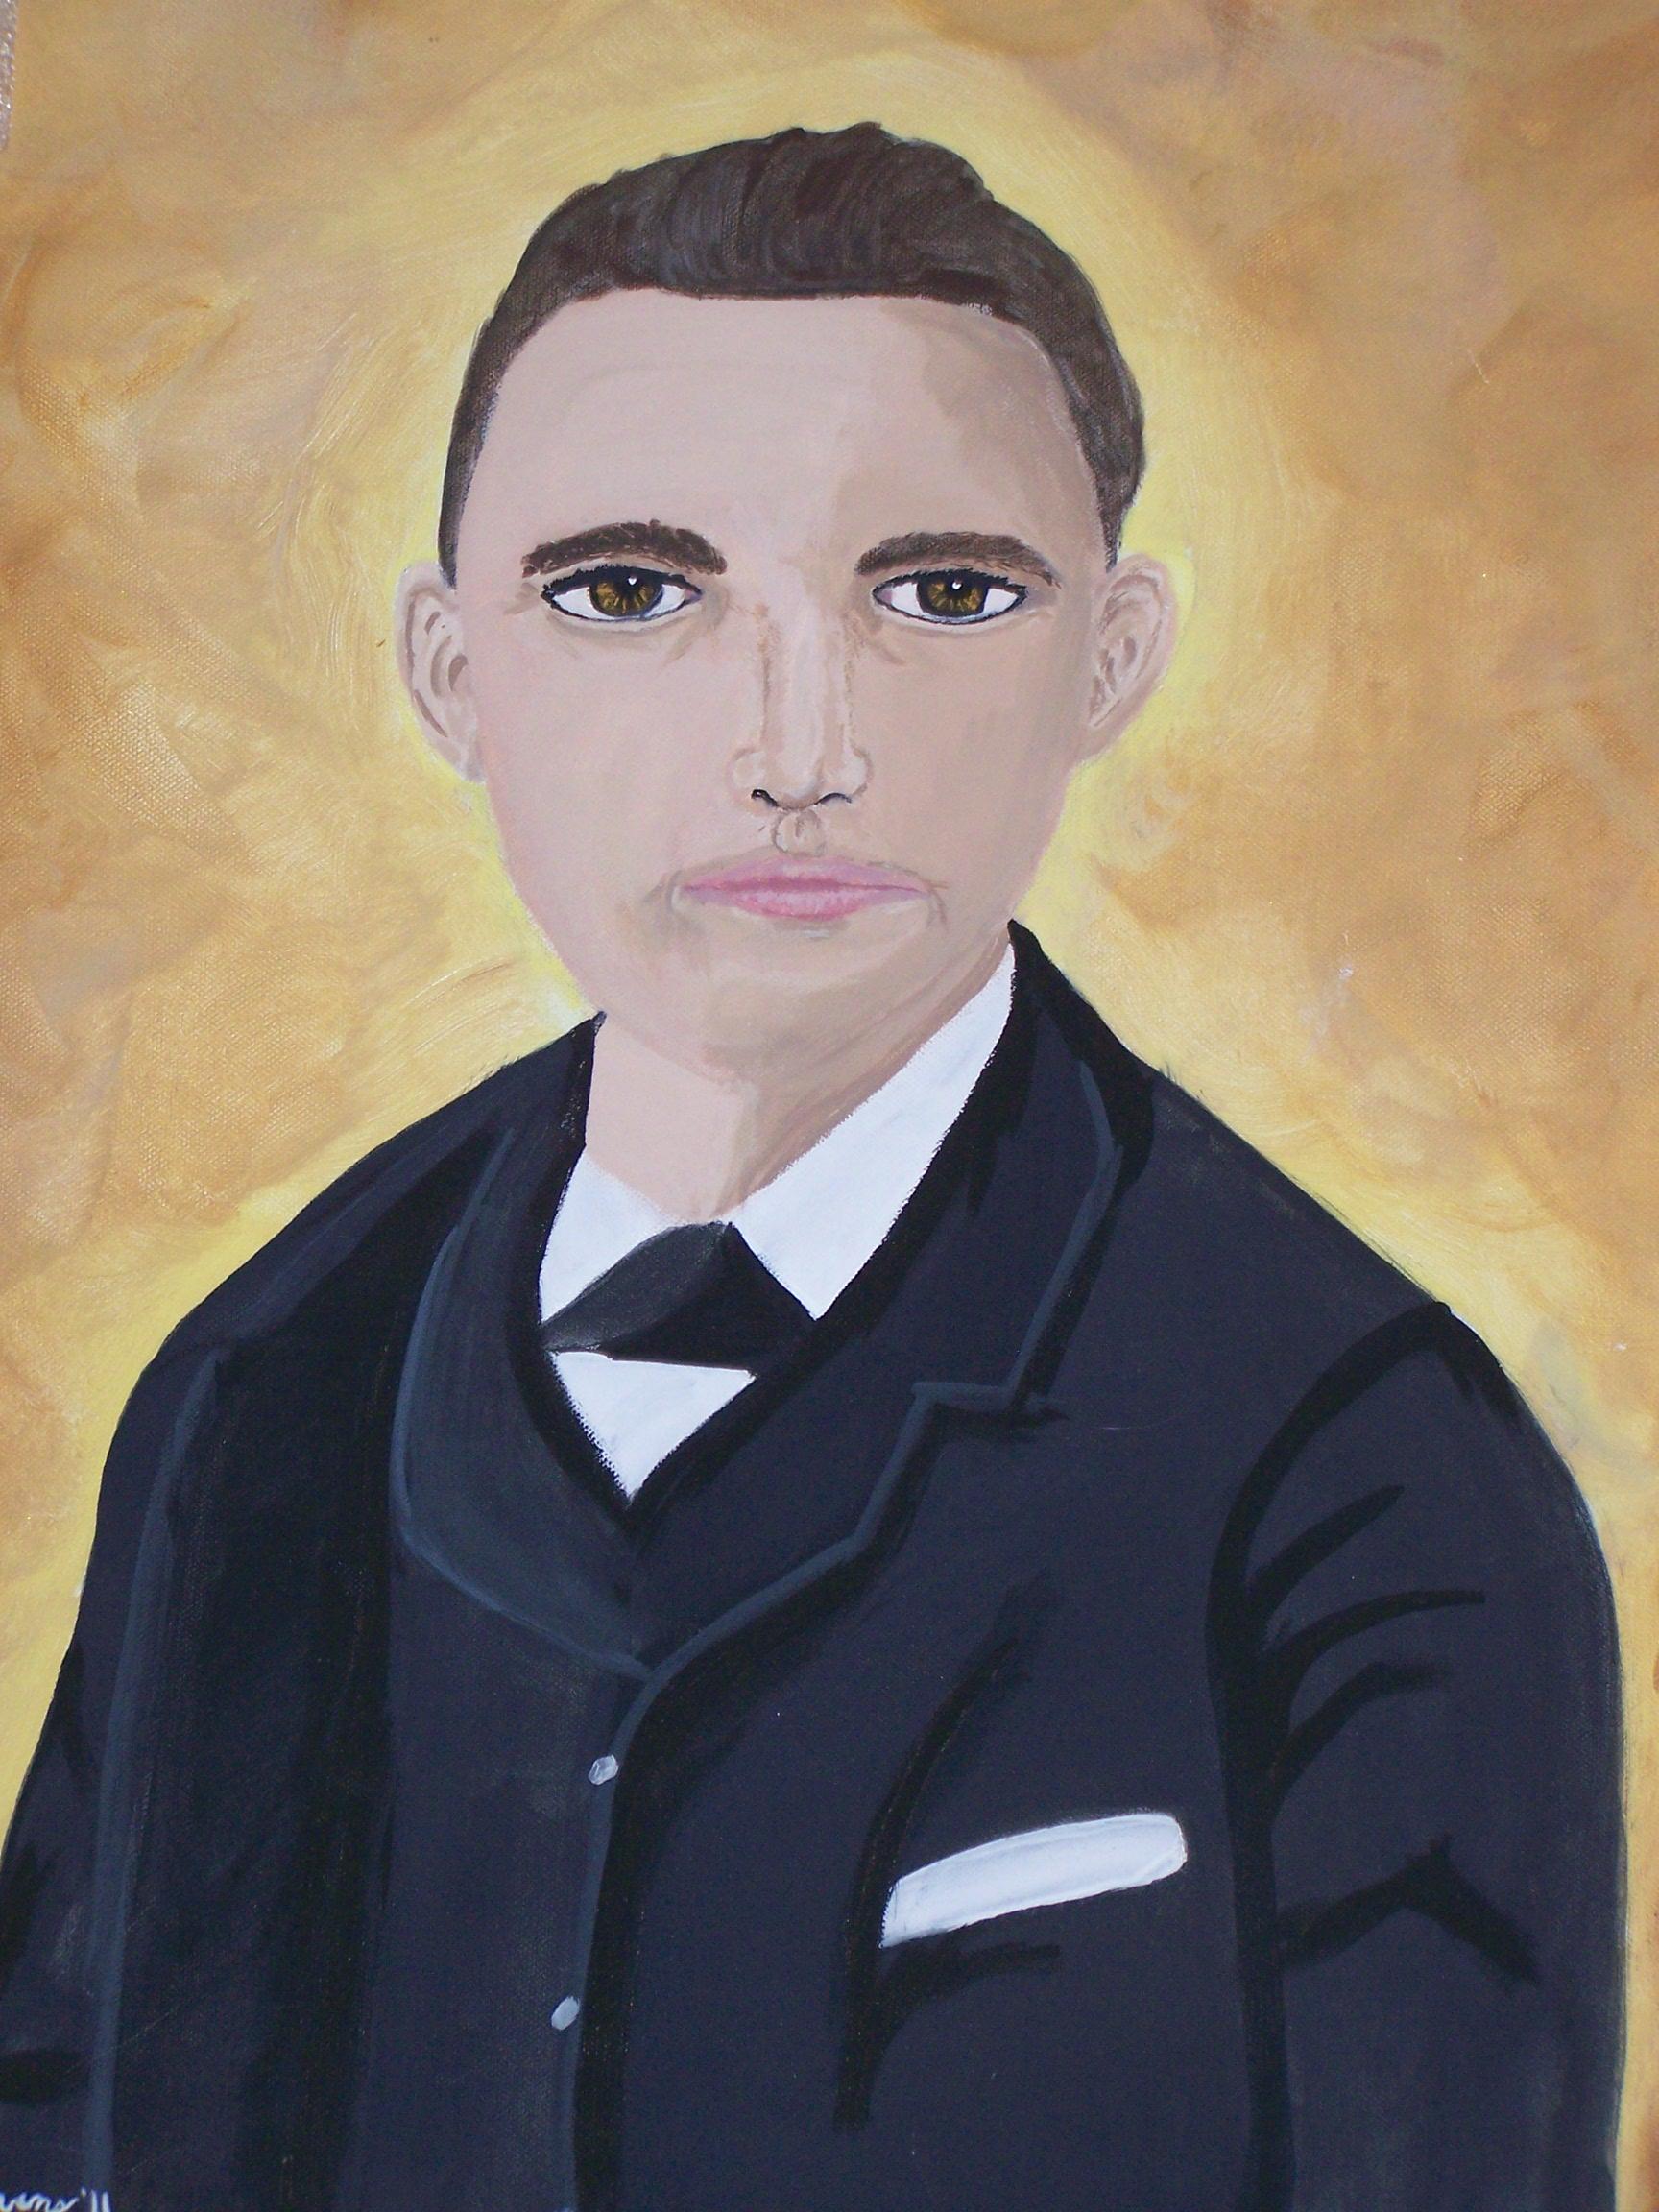 SAMUEL BILL